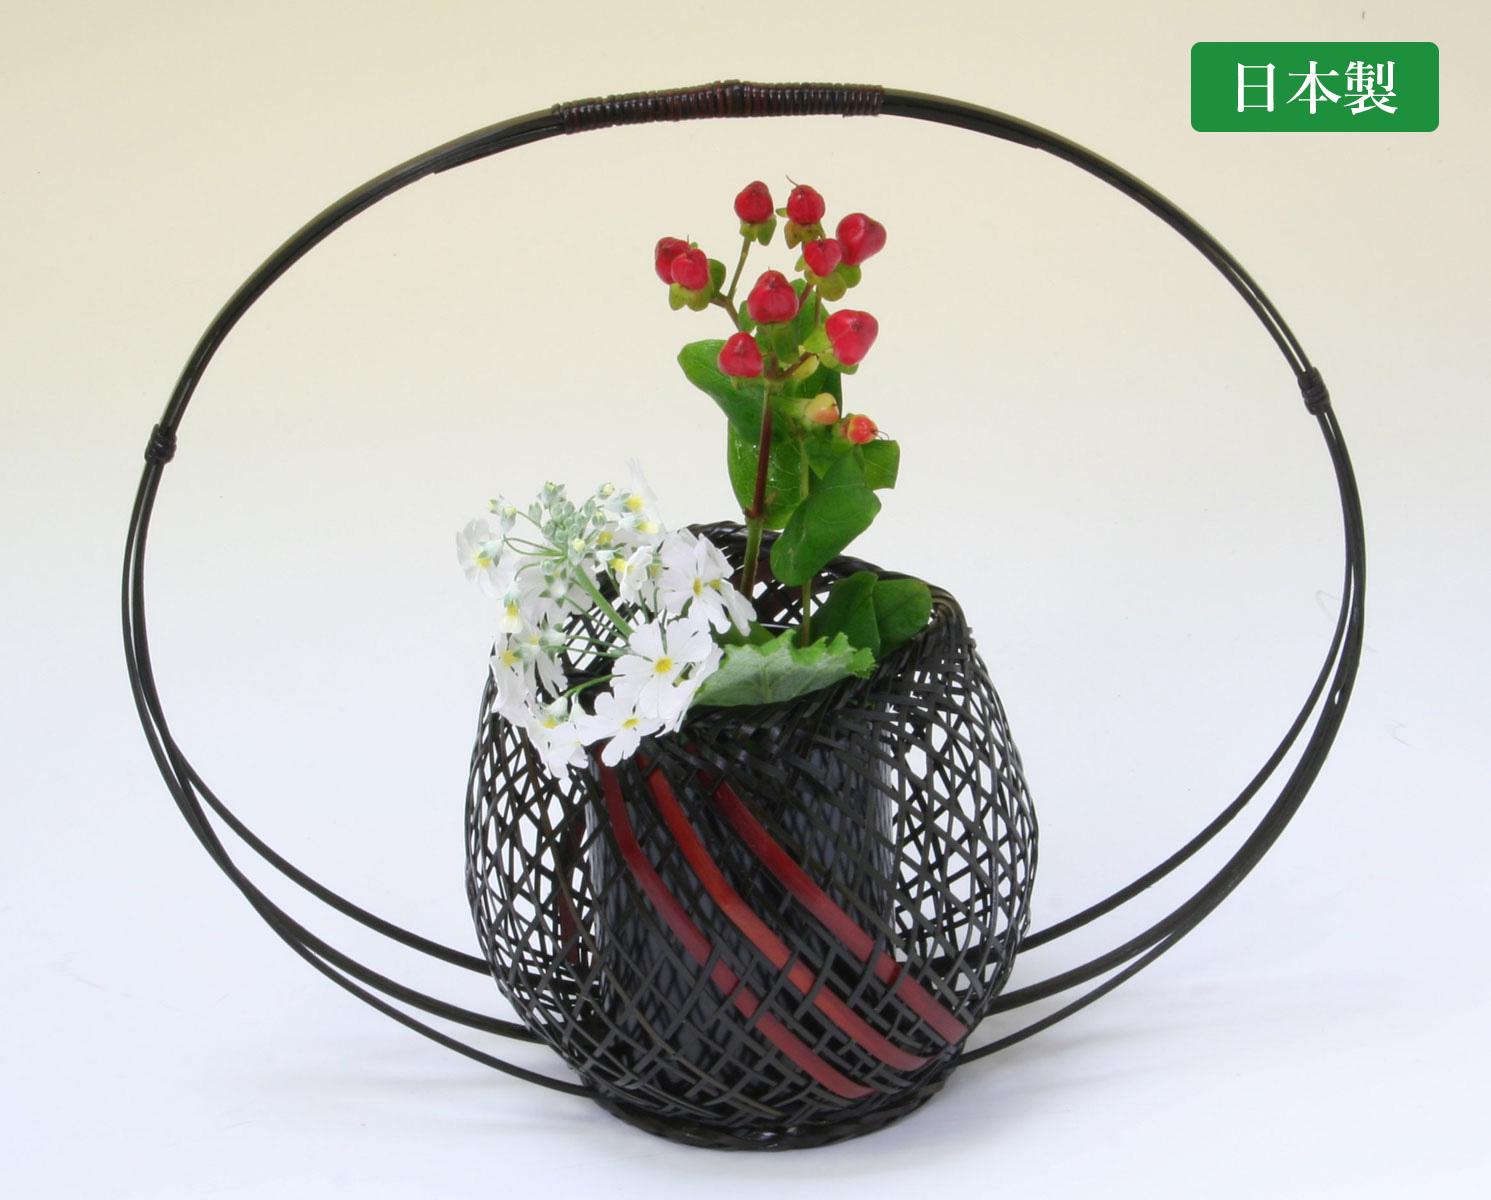 由布竹花篭 みやこわすれ 国産 日本製 竹製 花を彩る インテリア 部屋が華やぐ 竹かご 花瓶 置き物 花立て 小物雑貨